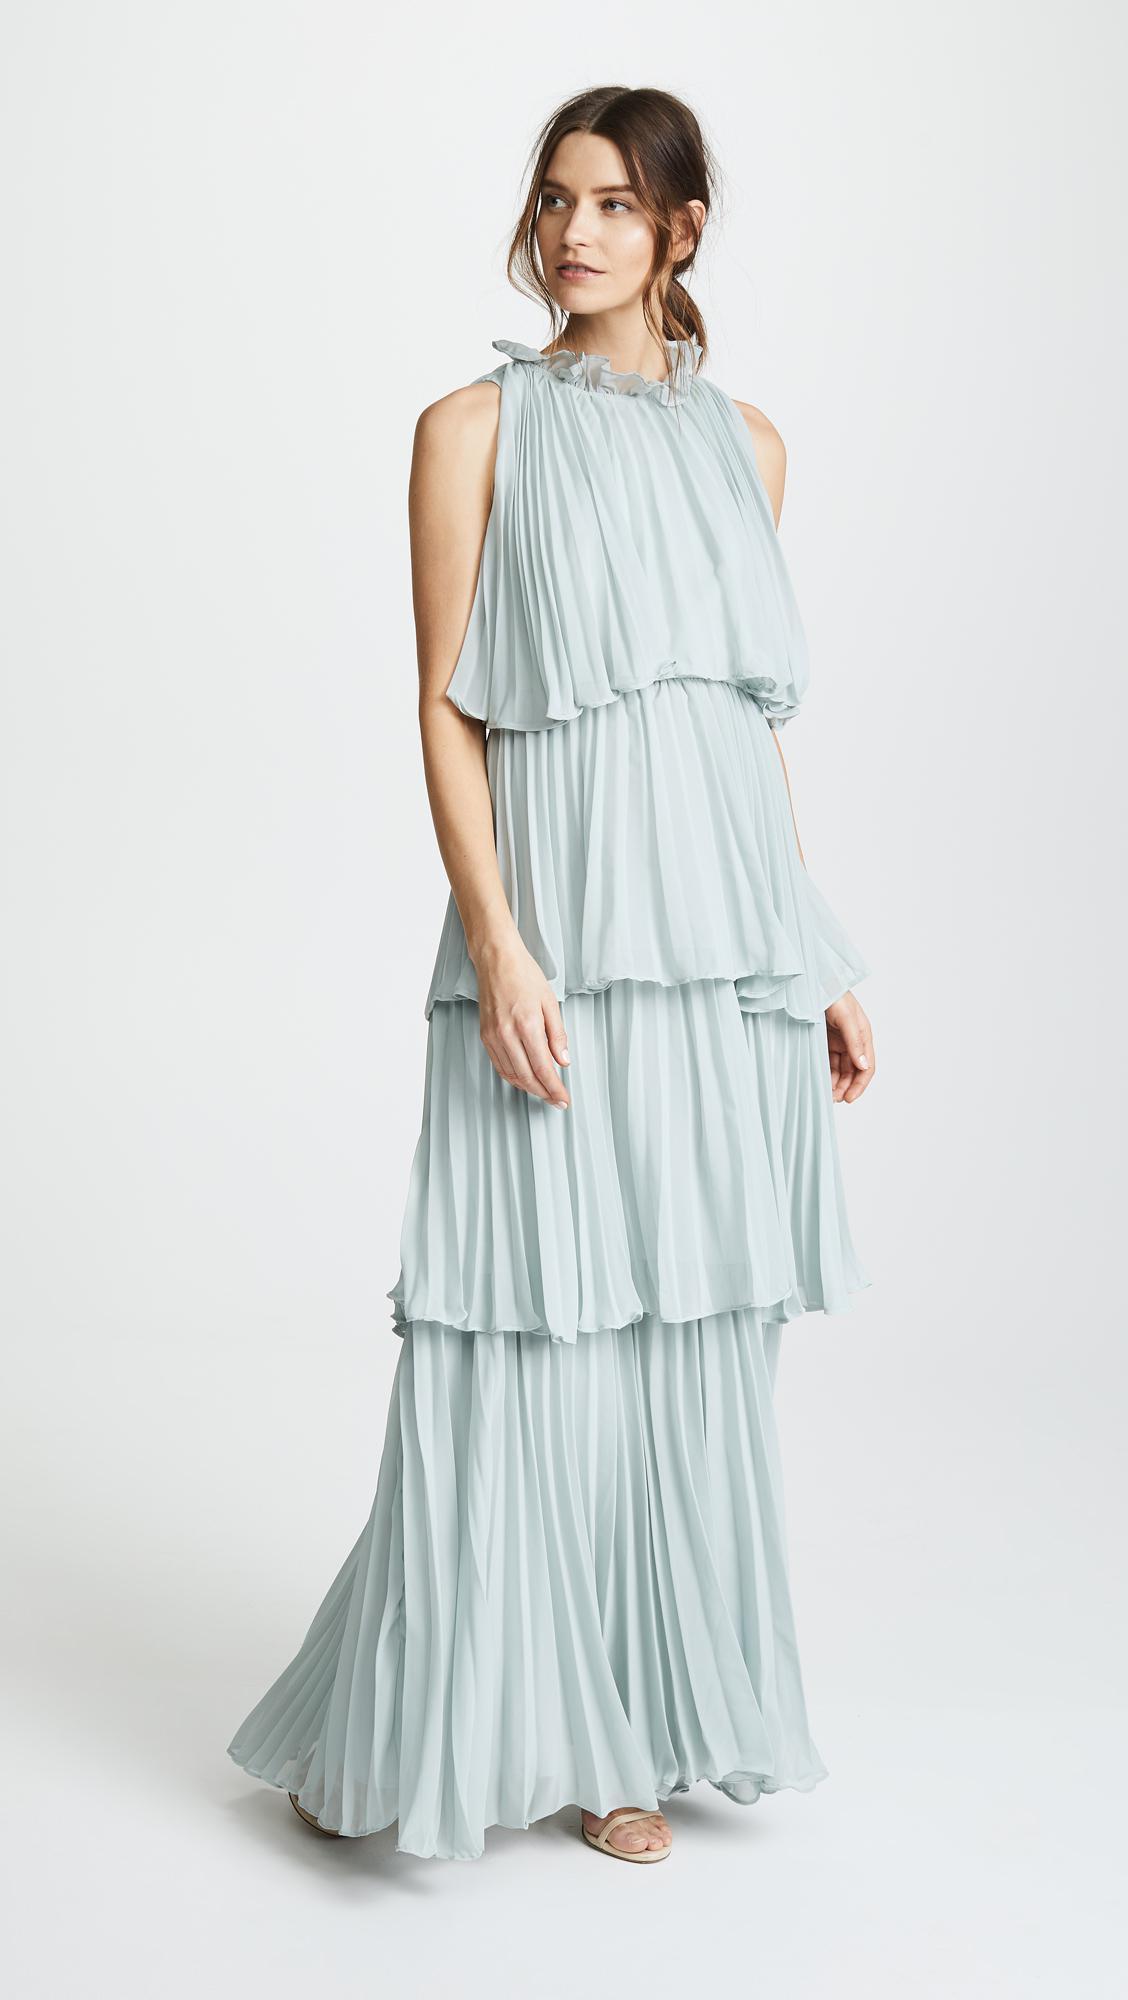 Lyst - Glamorous True Decadence Ruffle Tier Dress in Blue